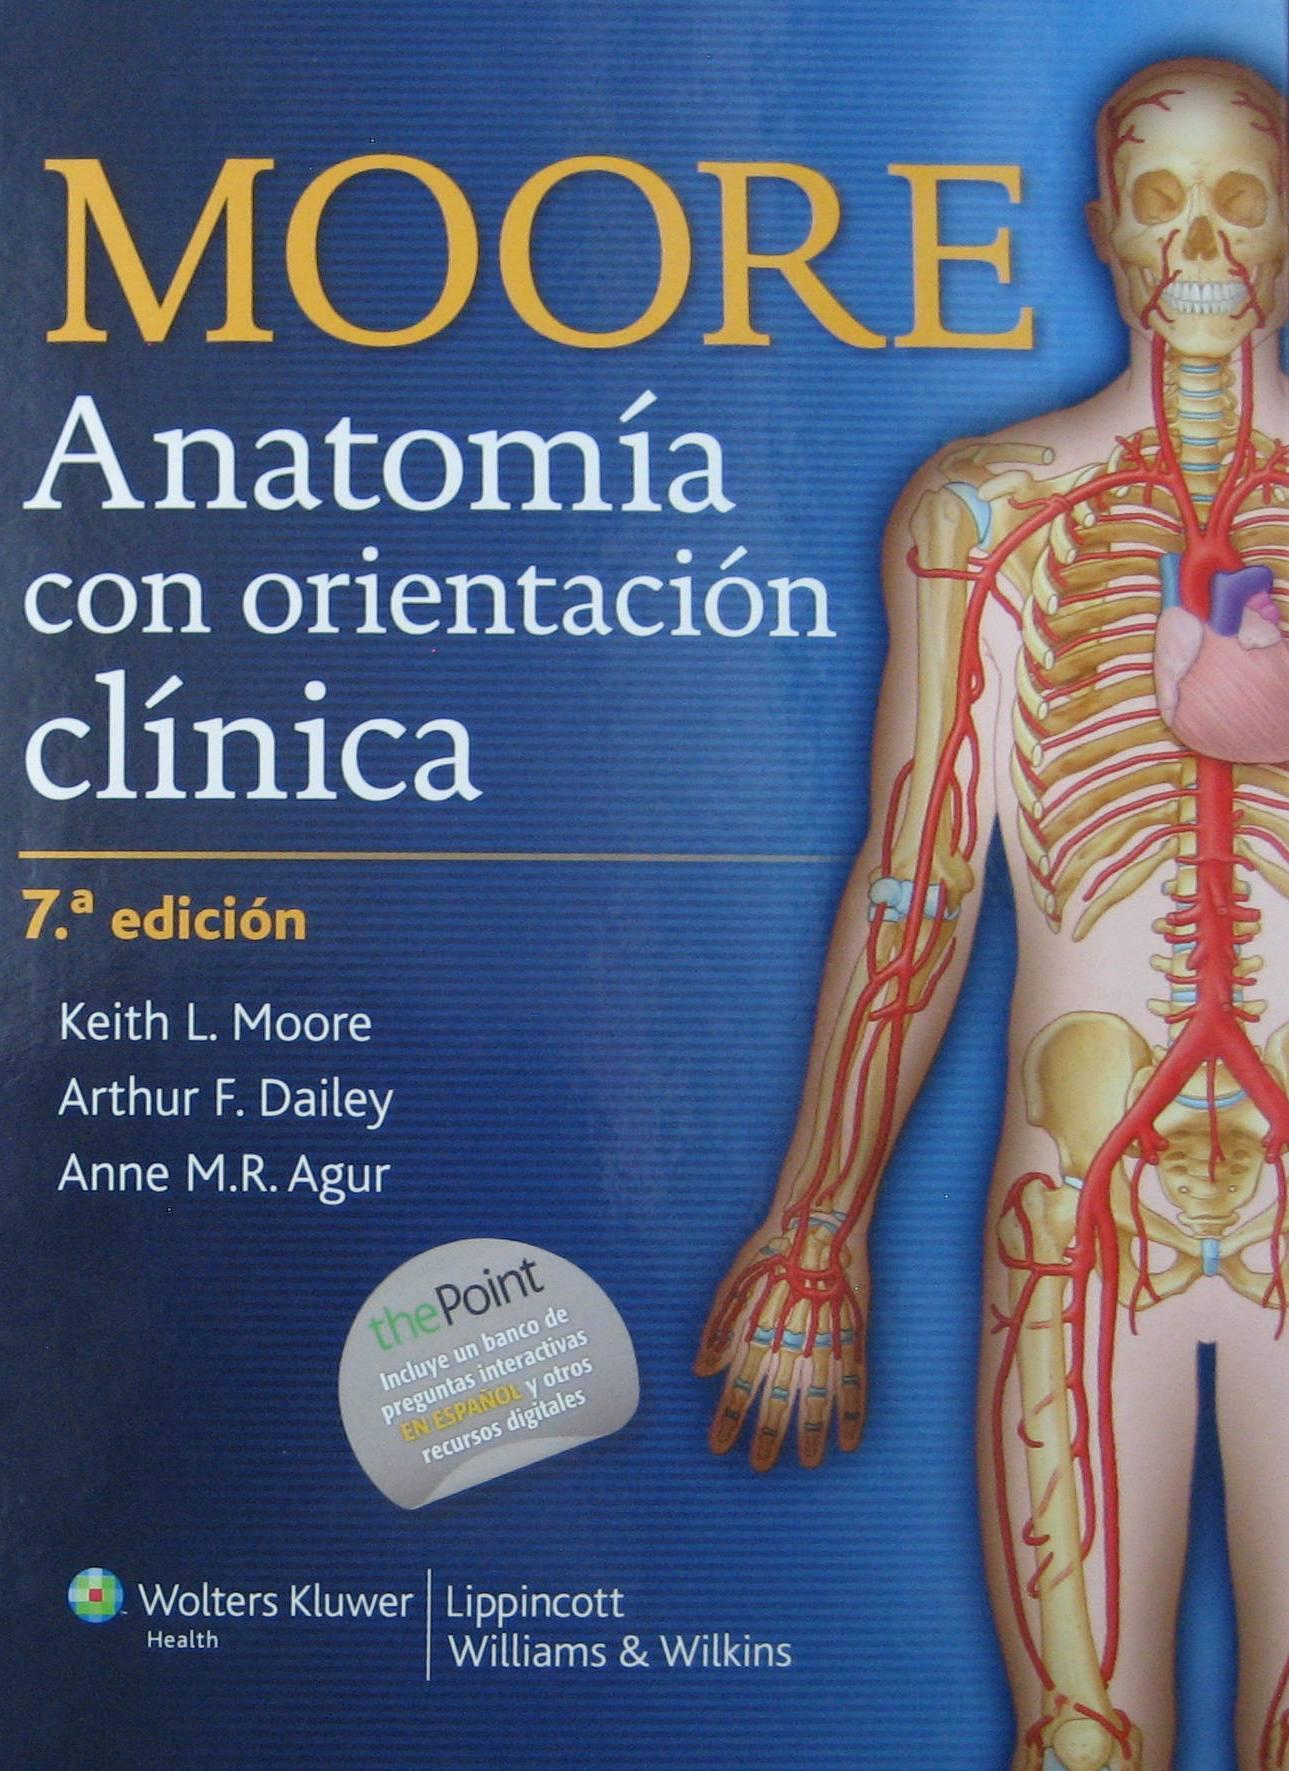 MOORE - Anatomía con orientación clínica (PDF original ...